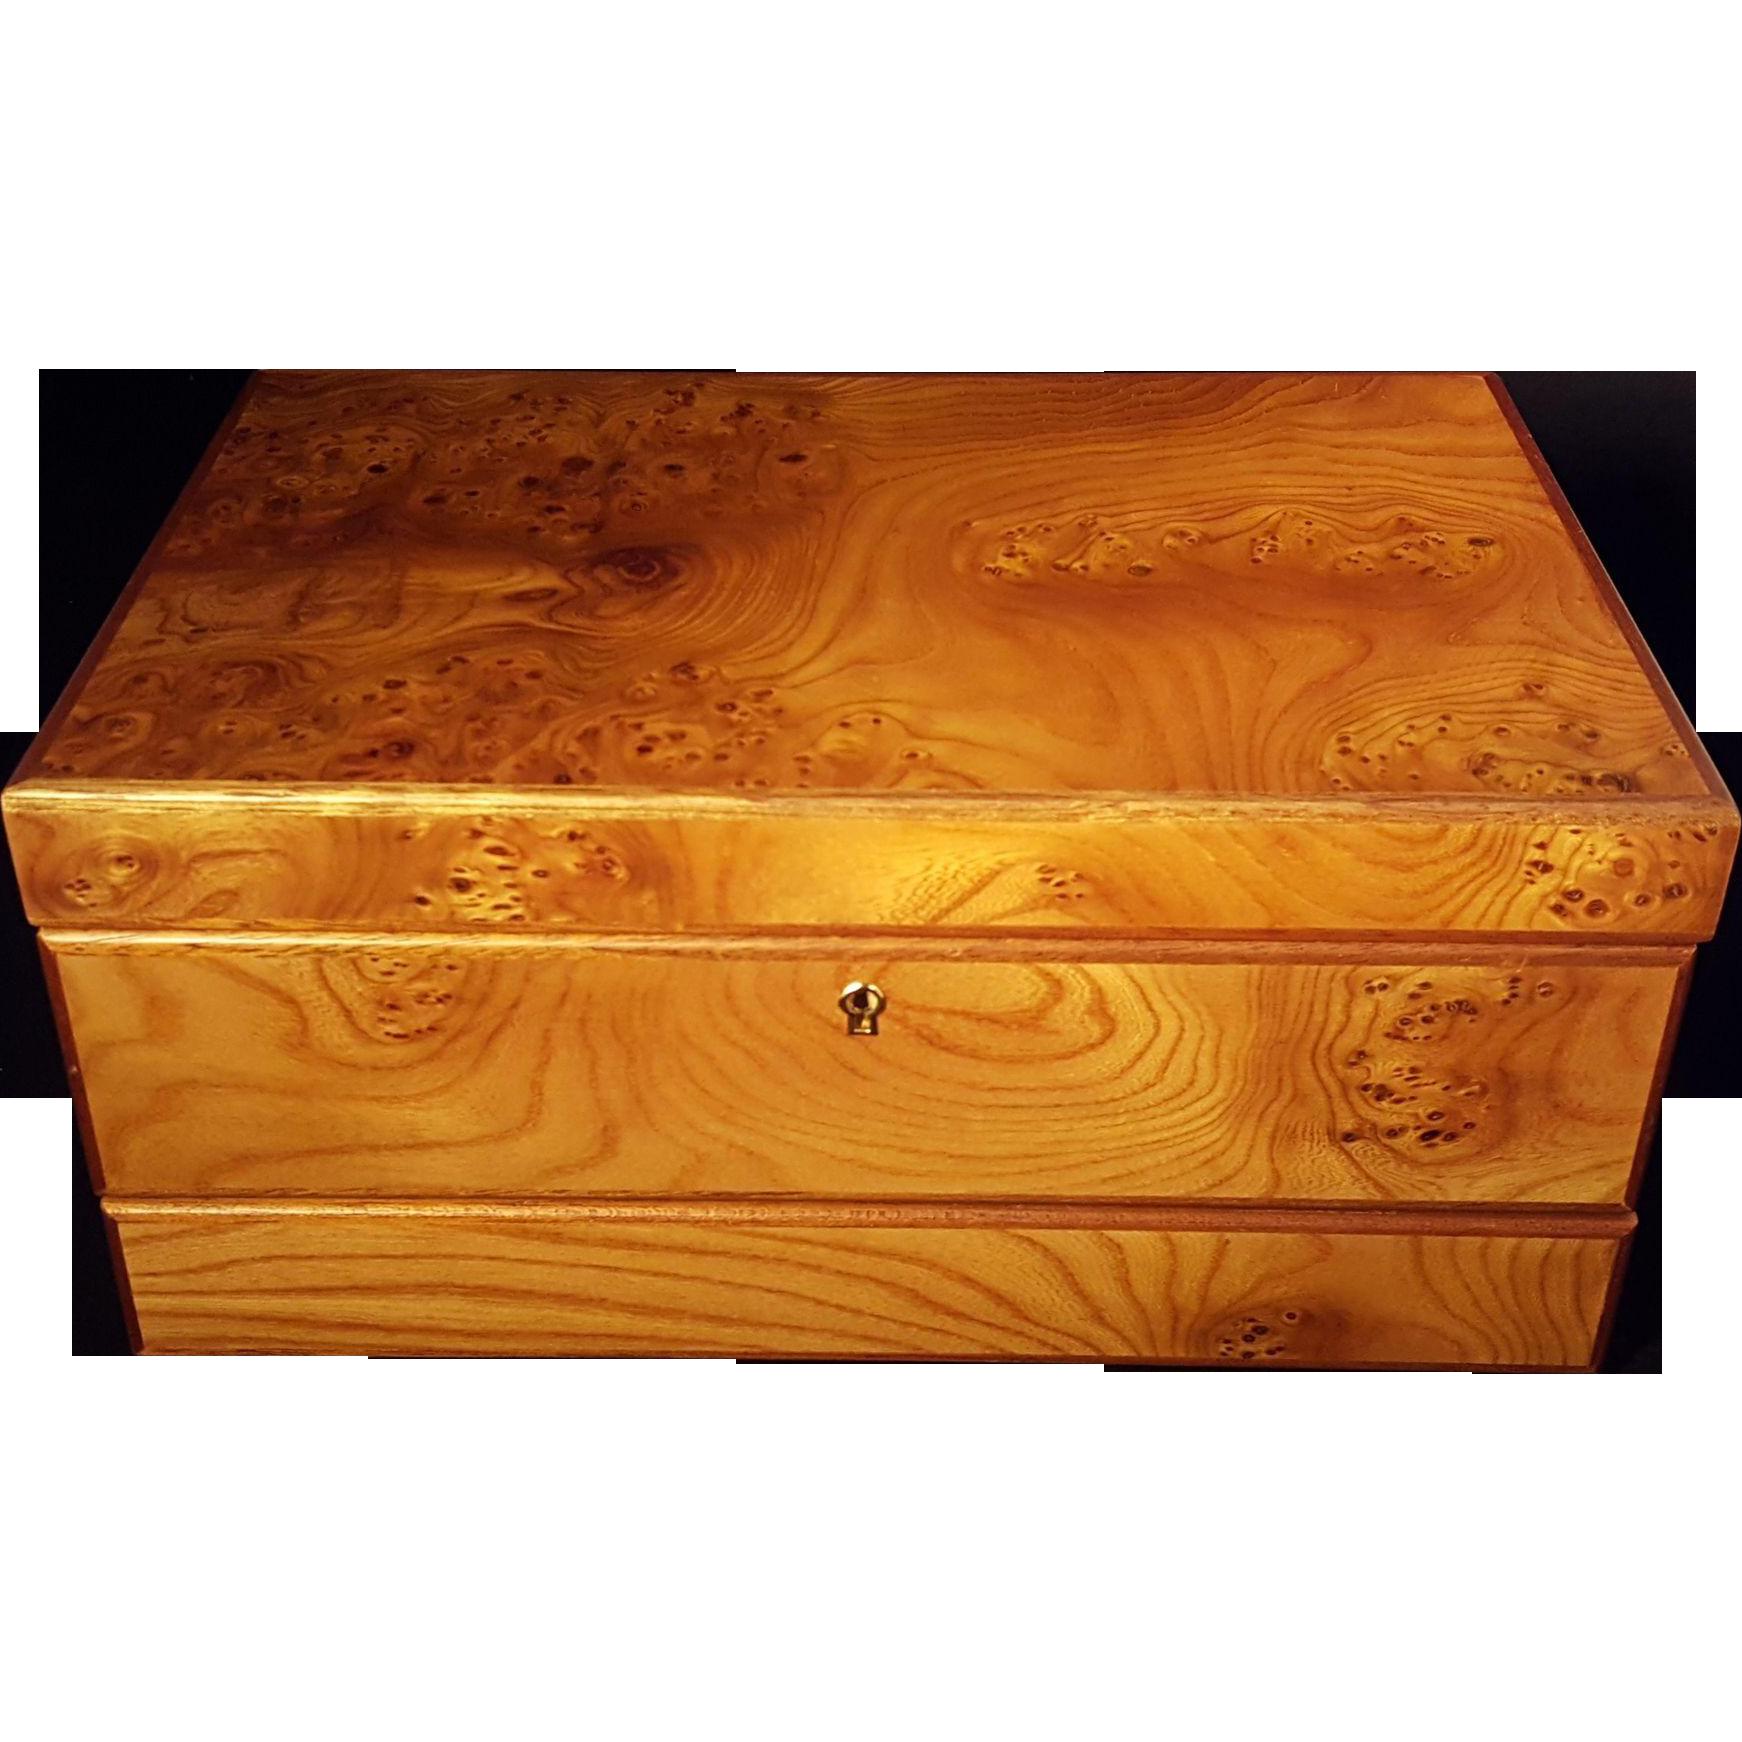 Agresti briarwood jewelry box like new condition with key for Jewelry box with key